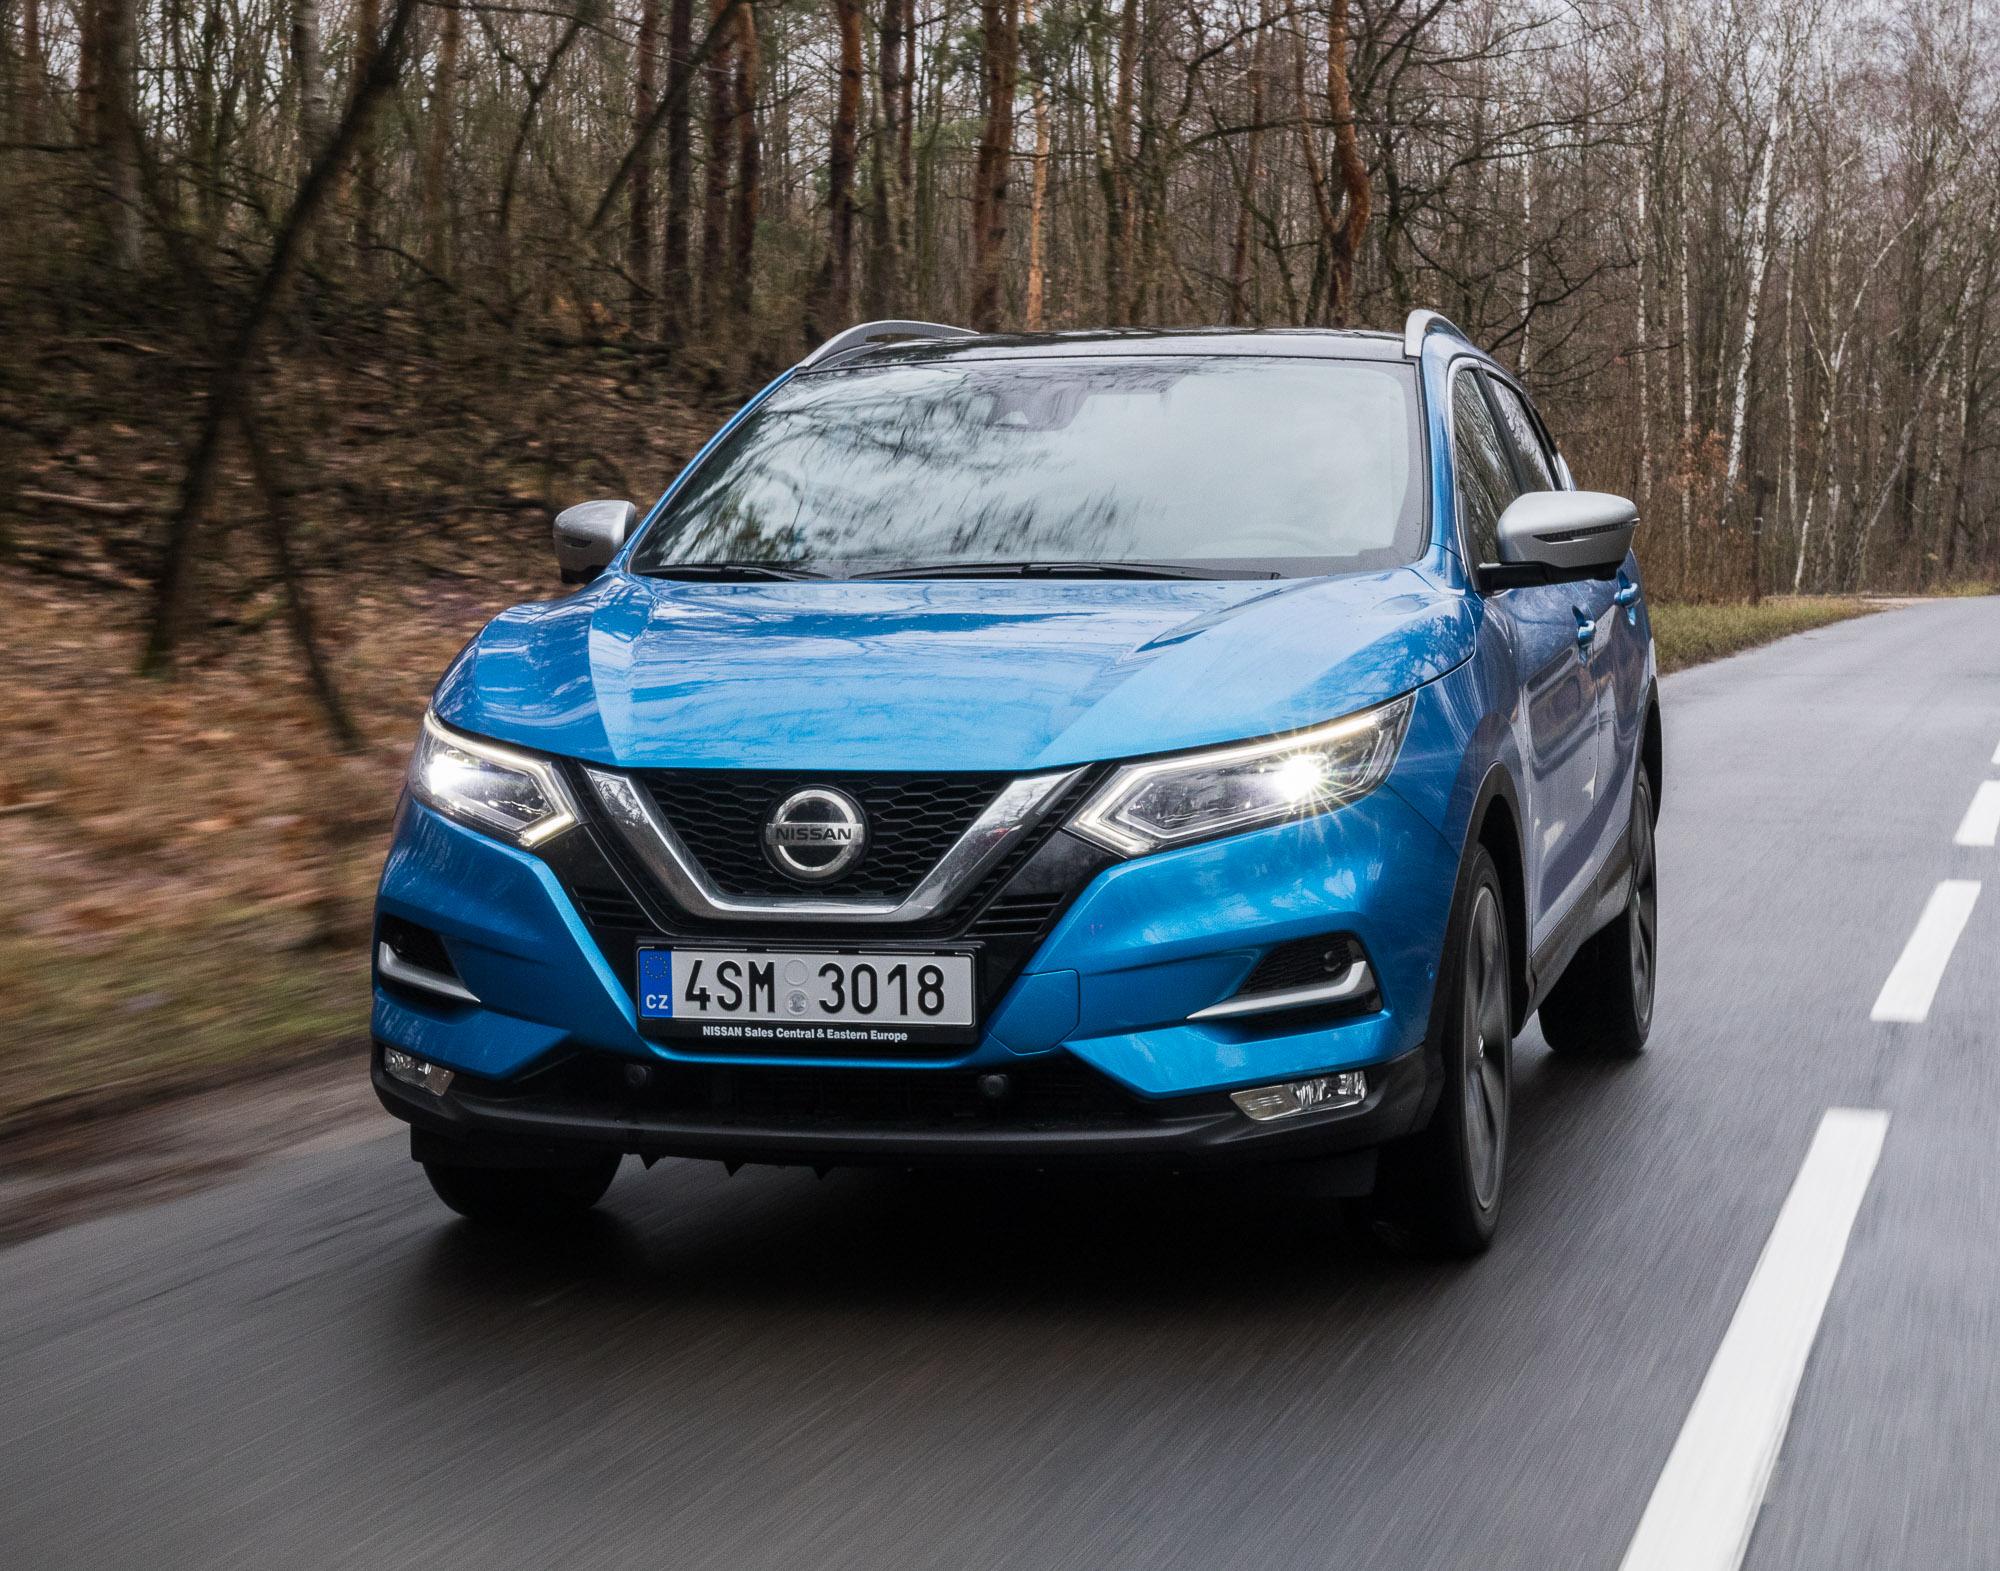 Nissan Qashqai 2019 test 1.3 TCe